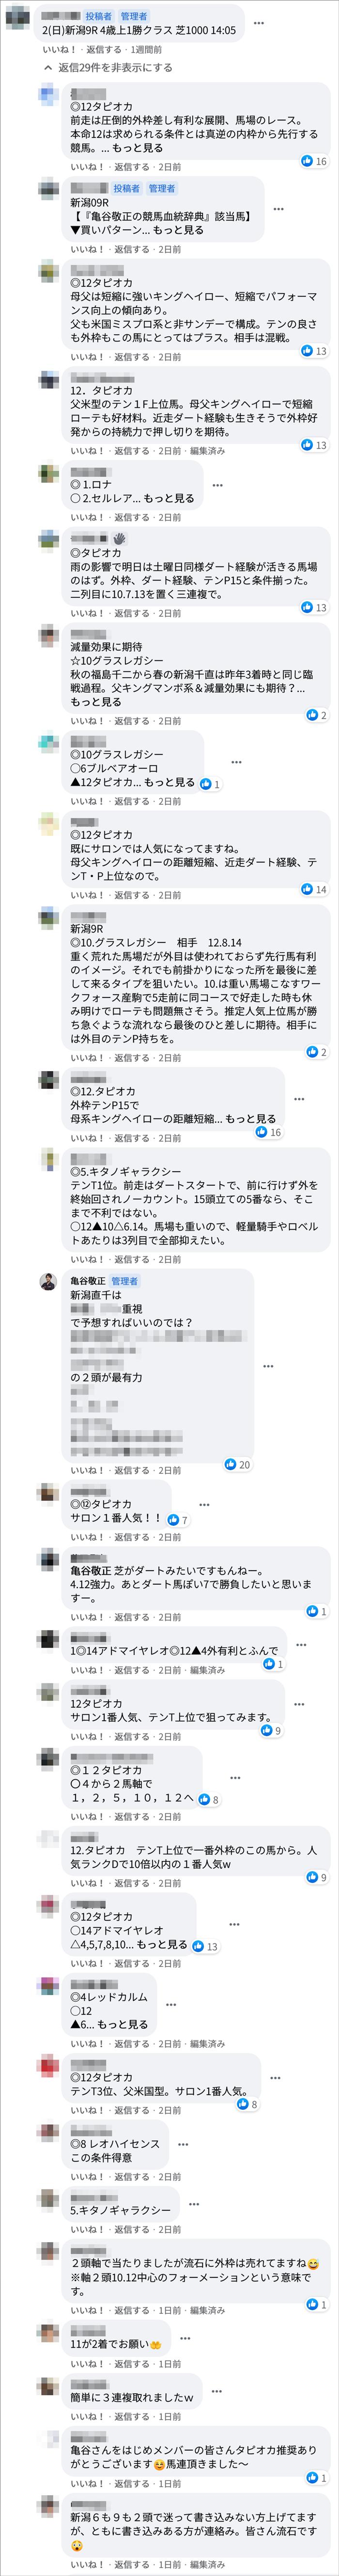 実際のFacebookページがこちらです。